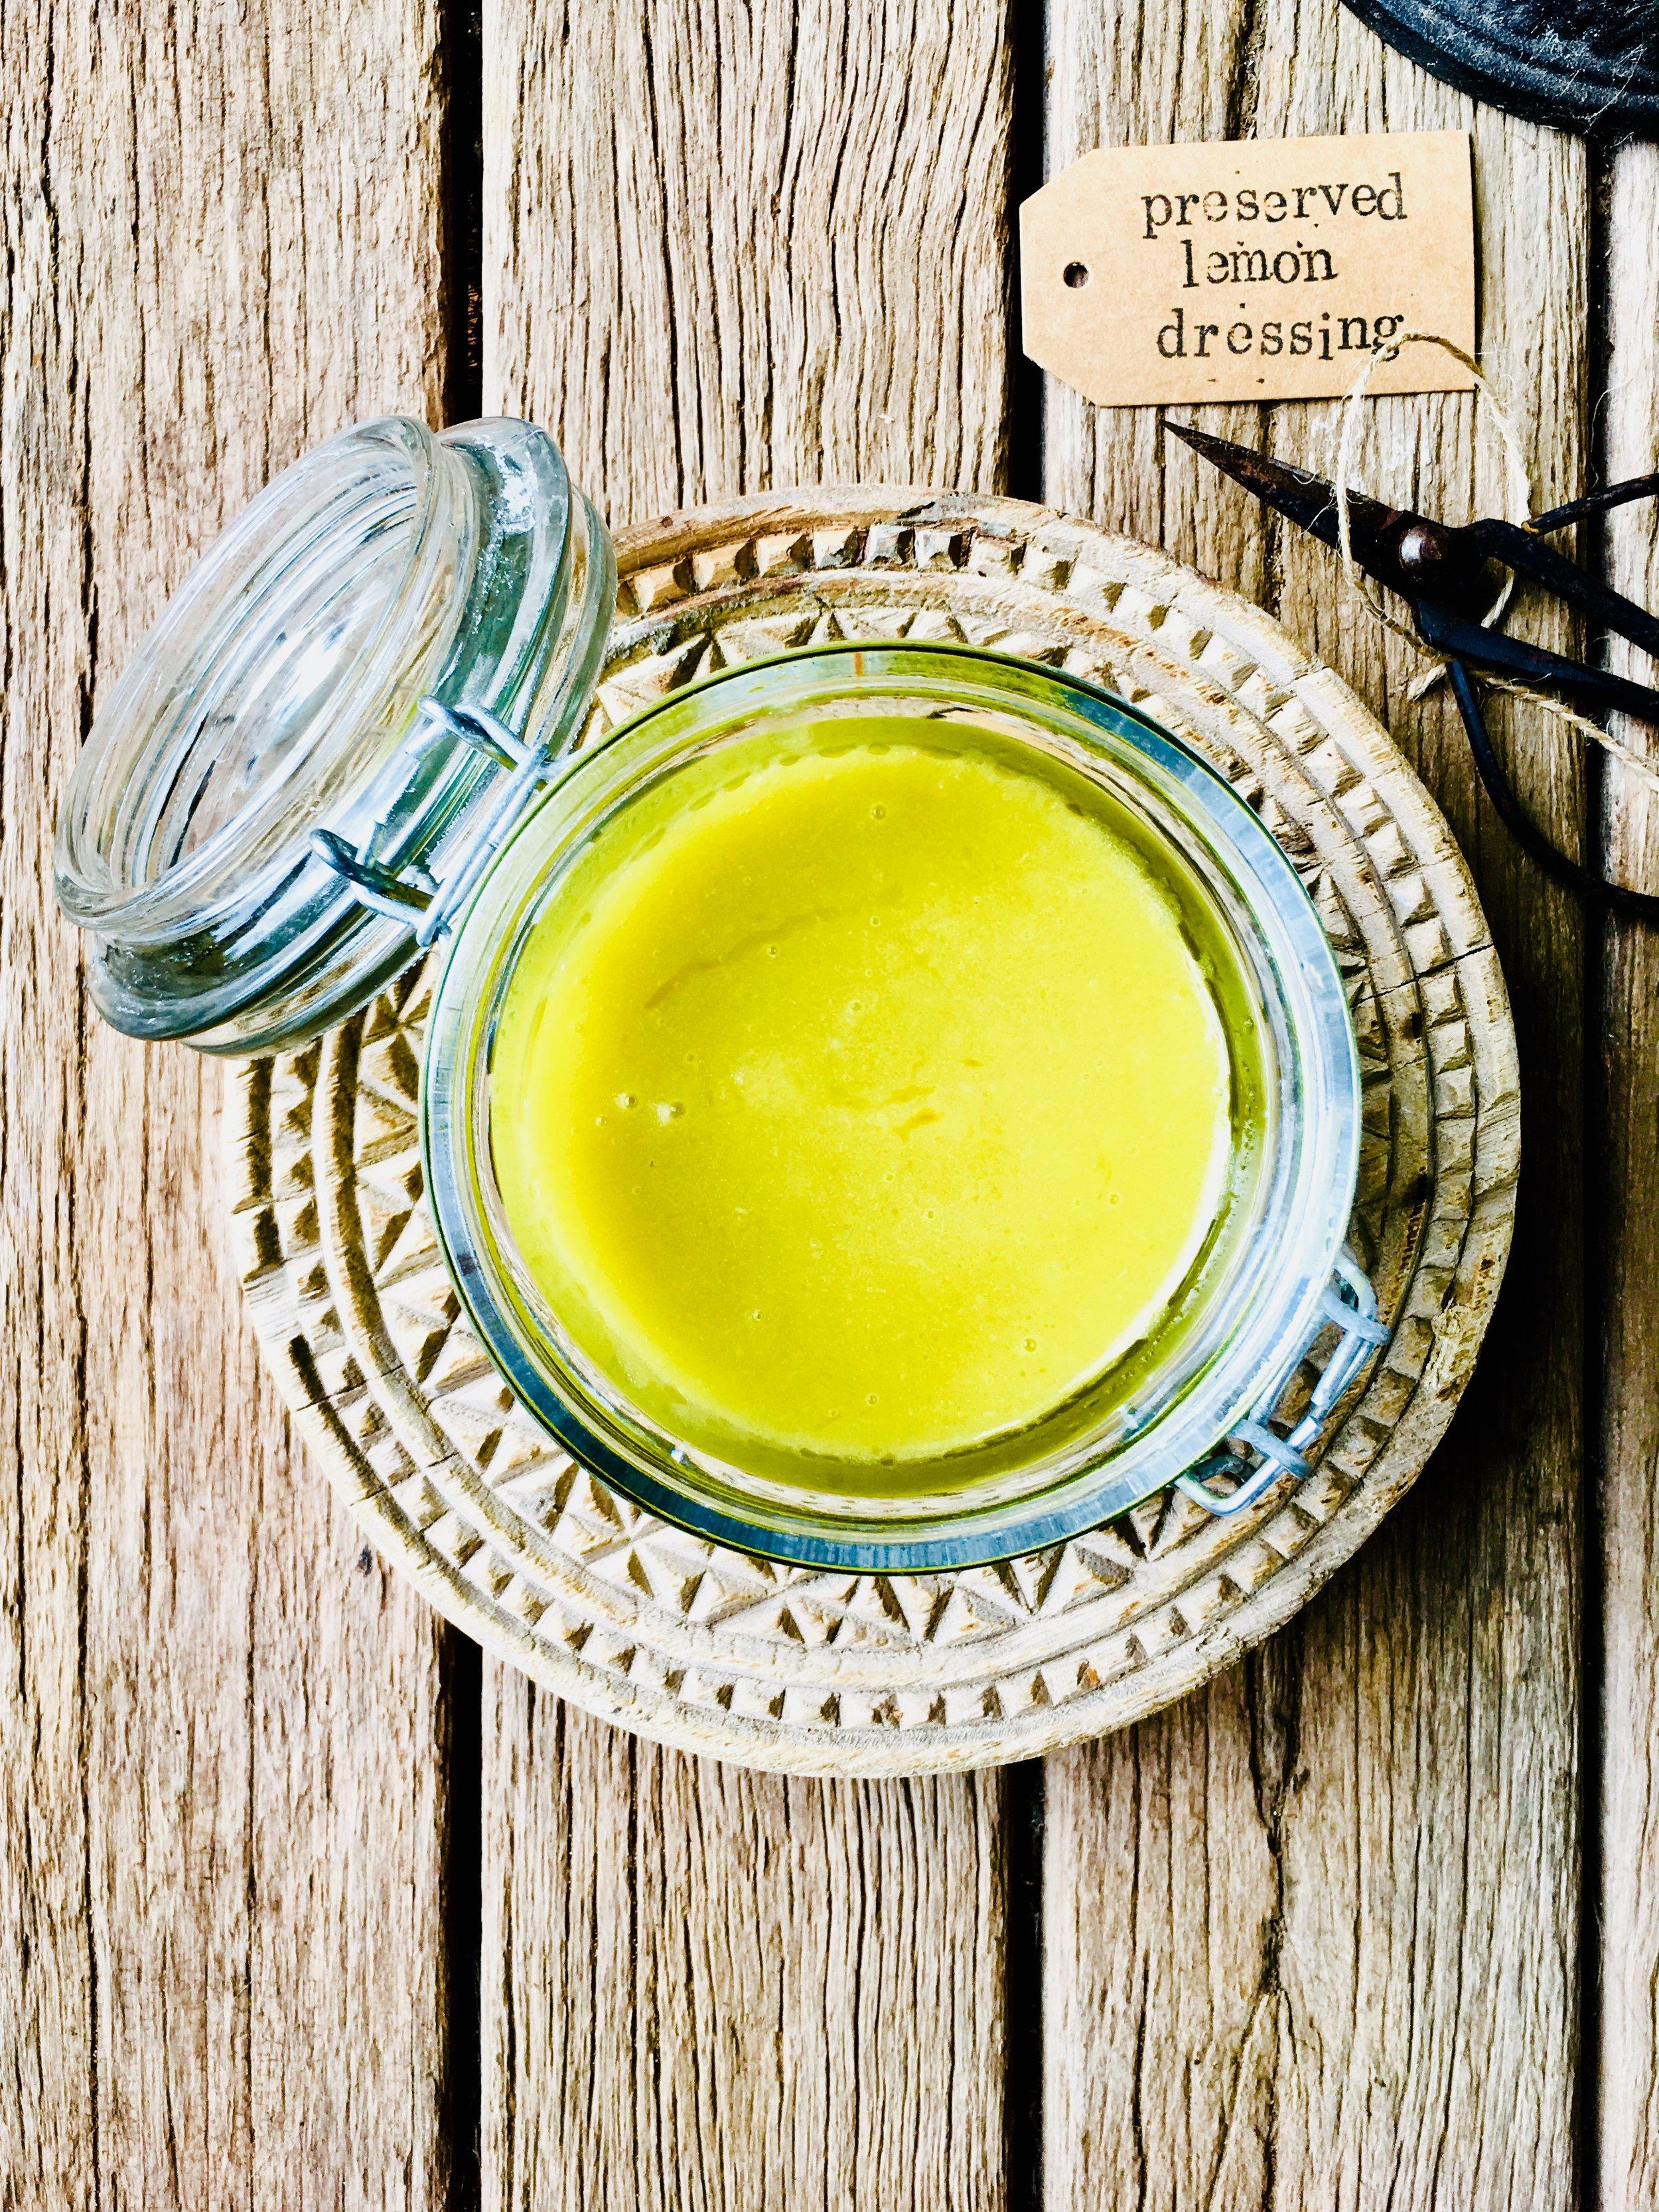 Preserved lemon dressing